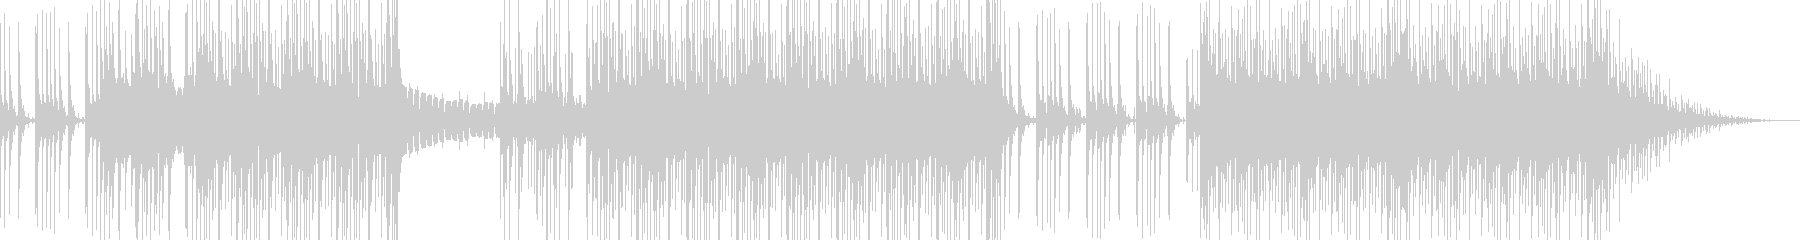 電気研究所テクノロジーガジェットハ...の未再生の波形